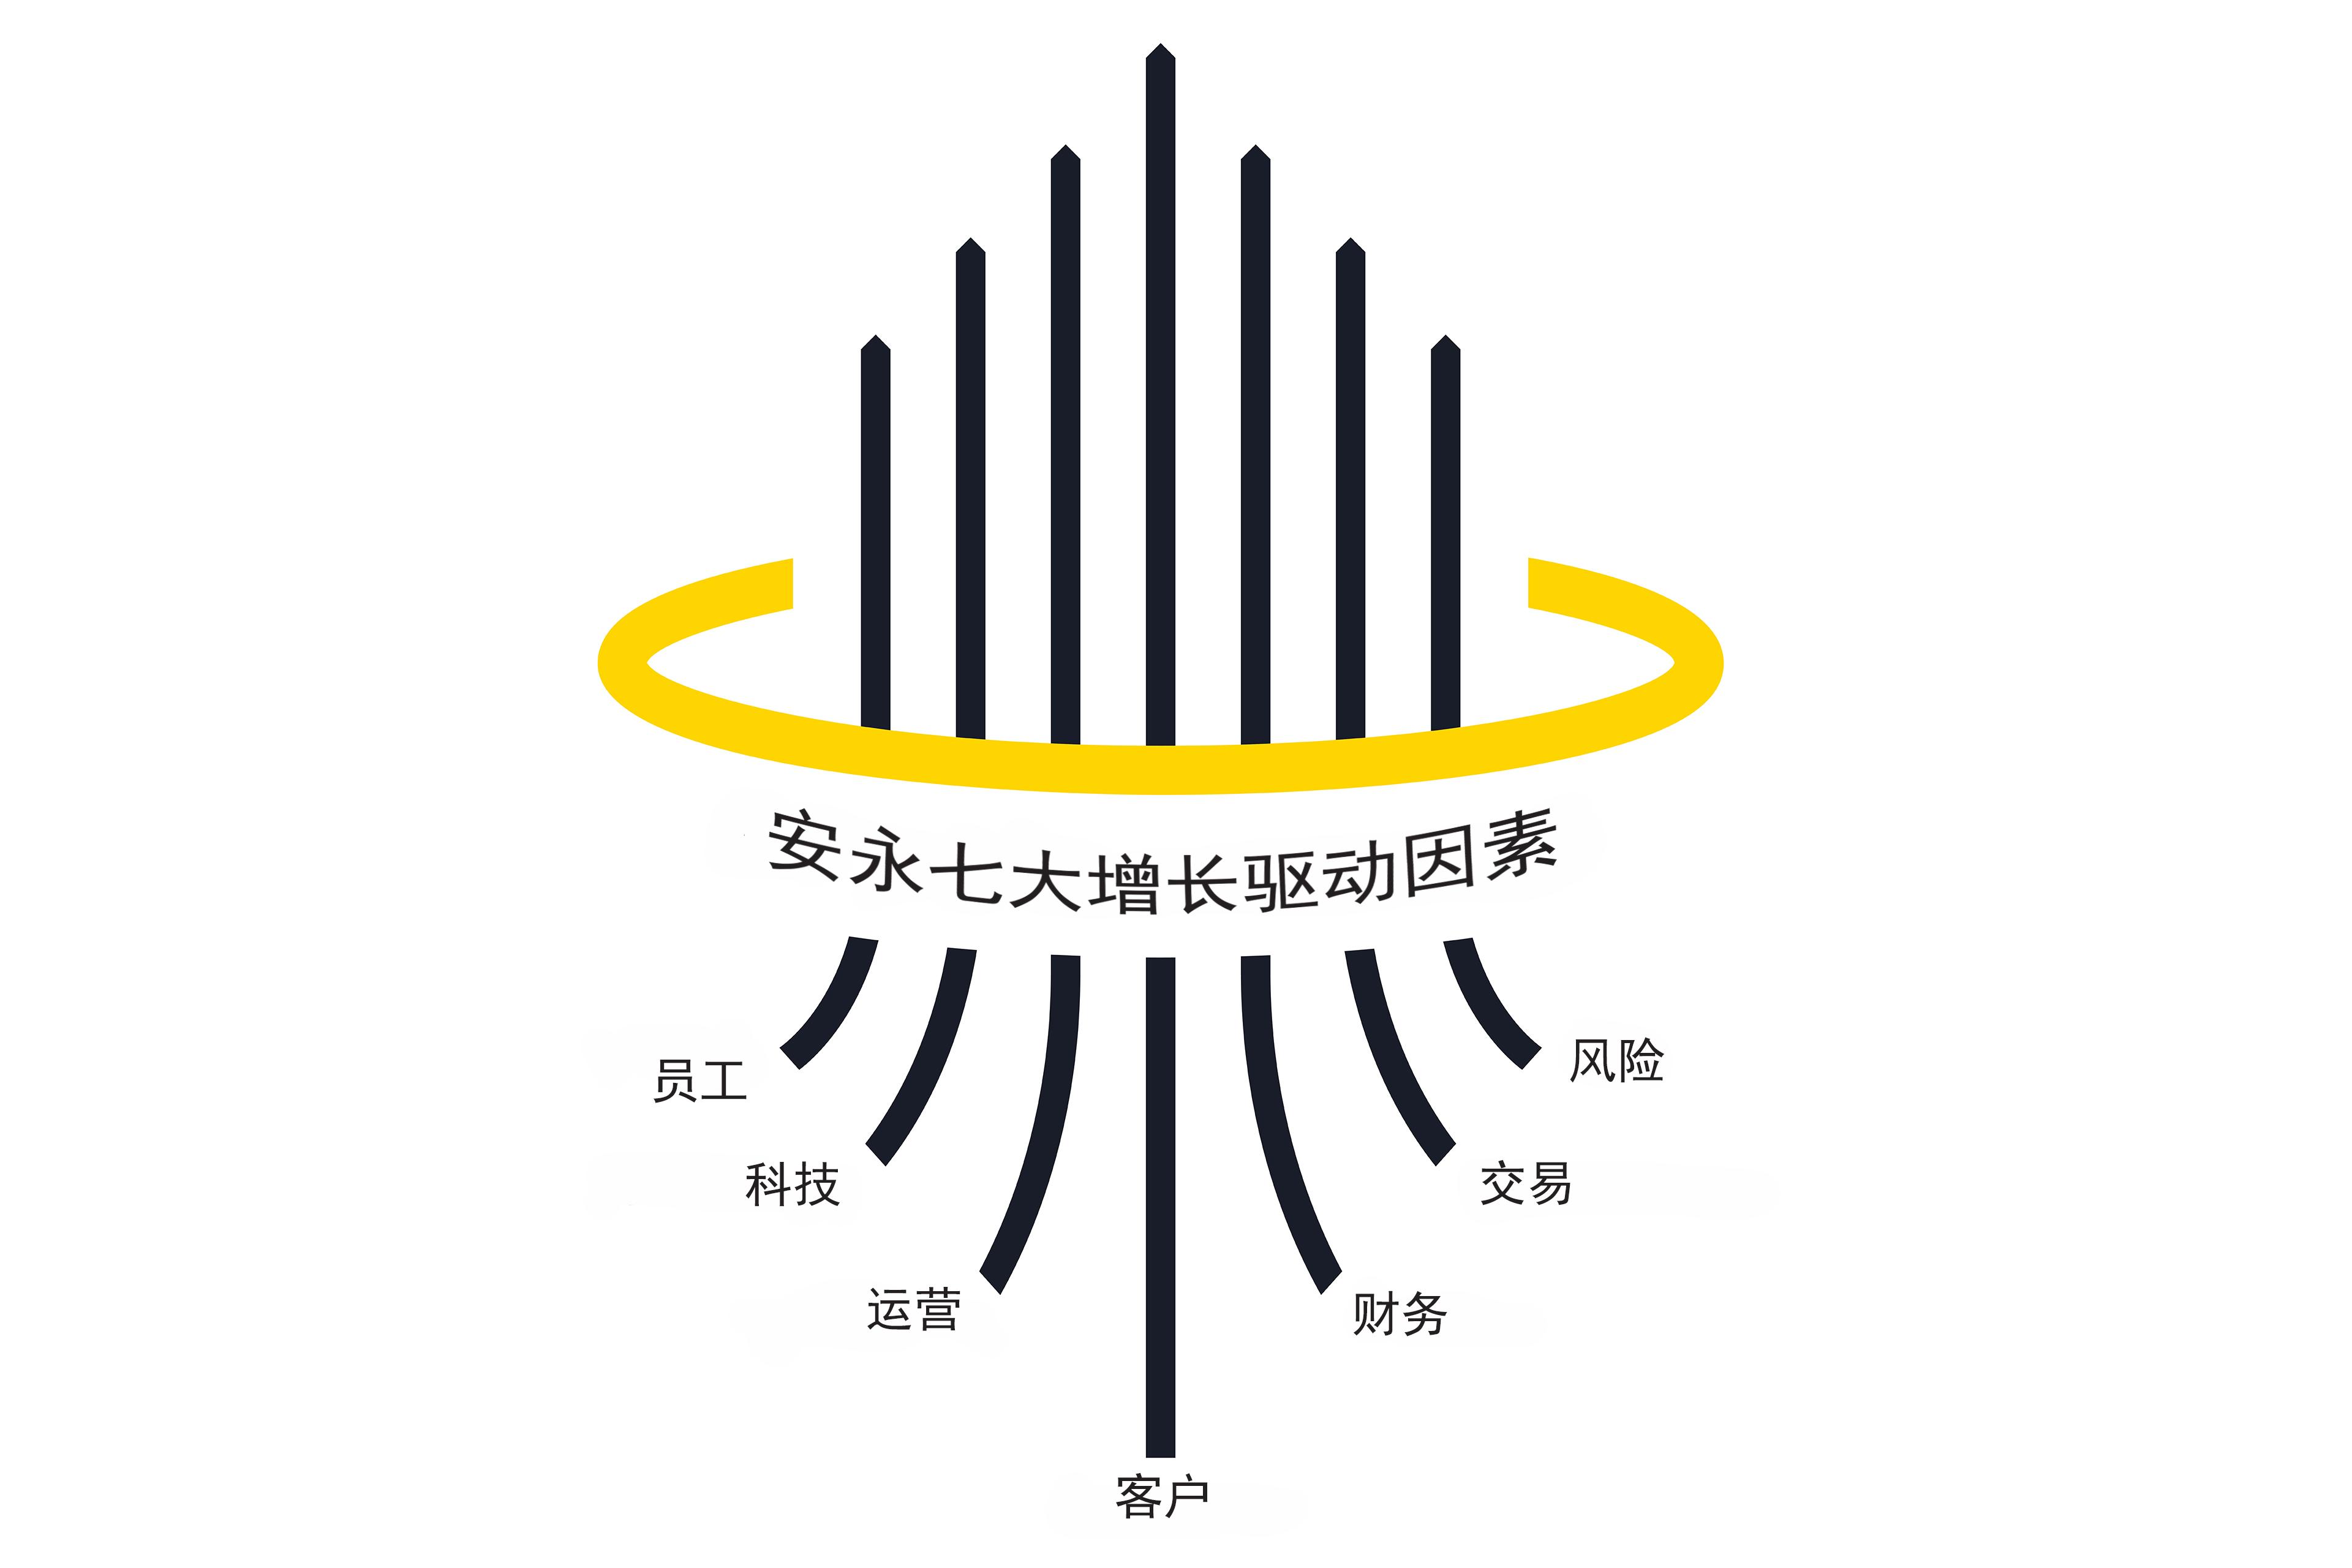 安永七大增长驱动因素